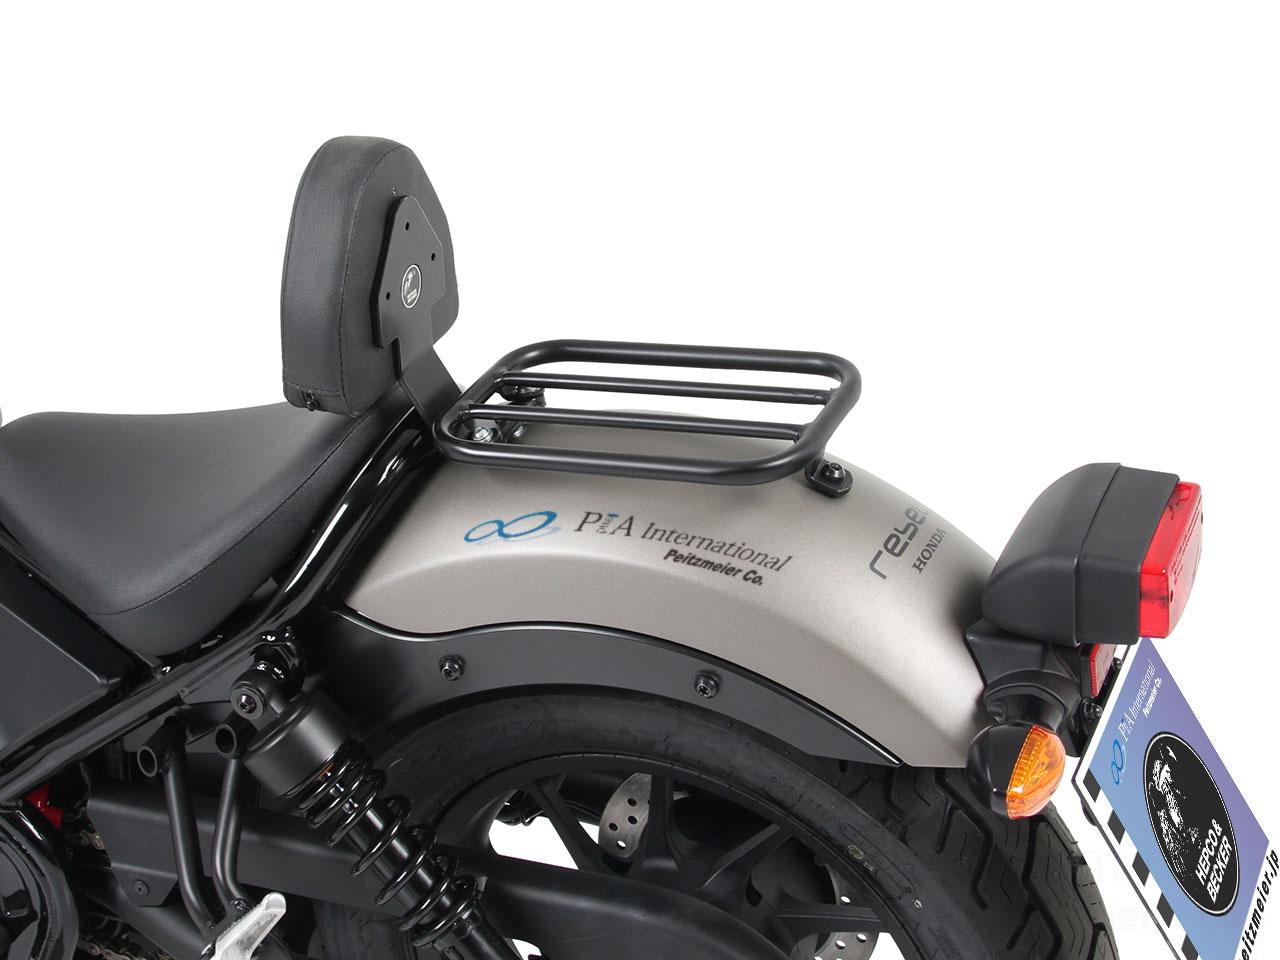 """ヘプコ&ベッカー 正規品 バックレスト & """"Solorack / ソロラック"""" セット Honda Rebel500 / レブル500"""